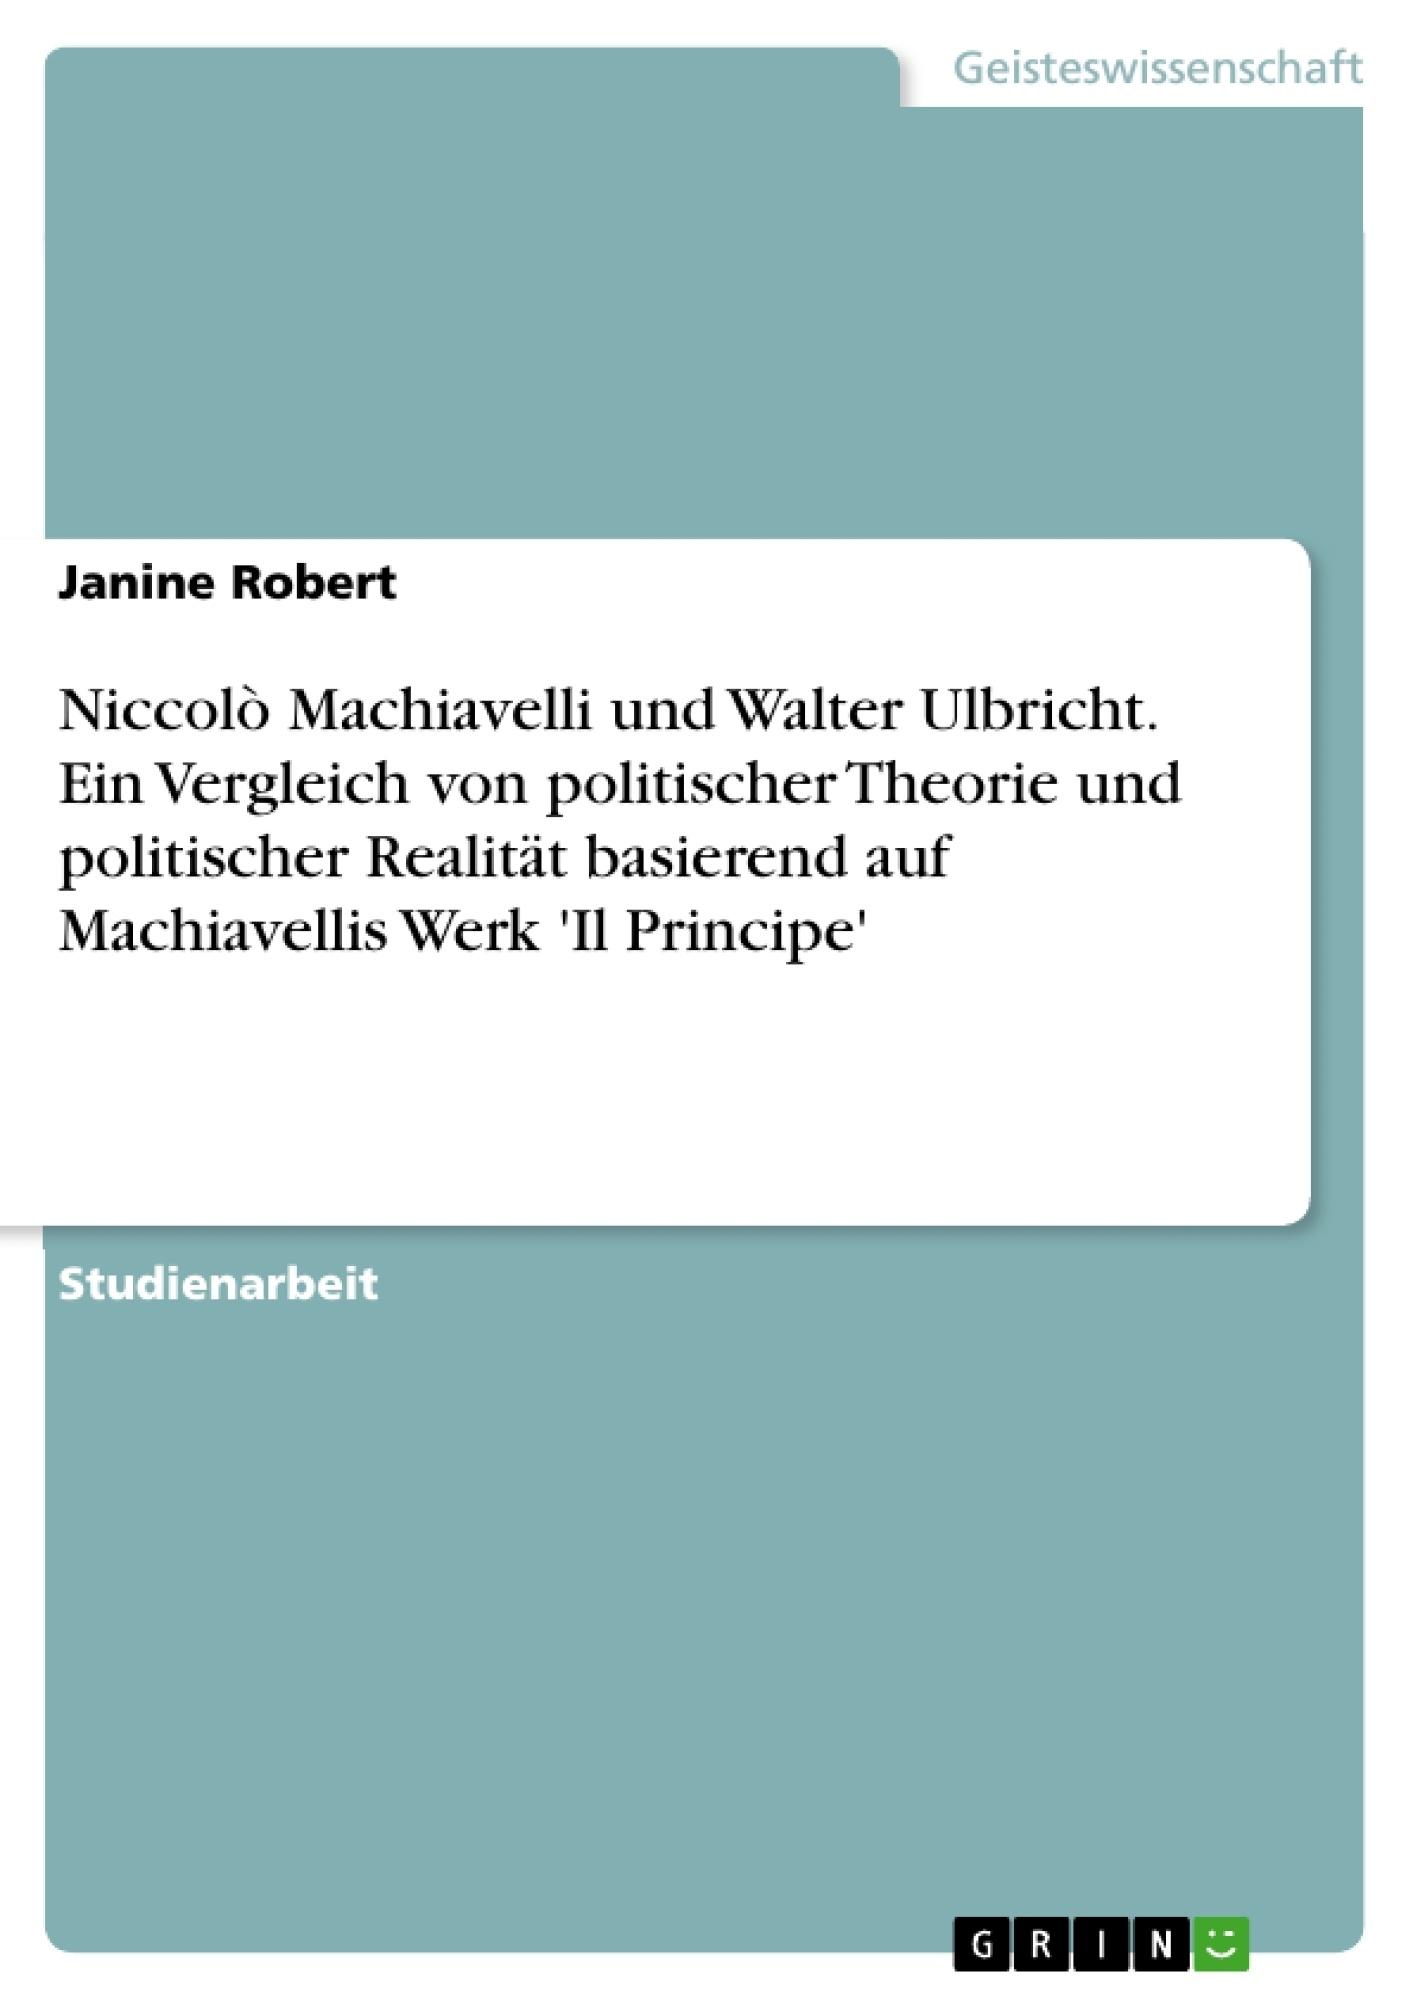 Titel: Niccolò Machiavelli und Walter Ulbricht. Ein Vergleich von politischer Theorie und politischer Realität basierend auf Machiavellis Werk 'Il Principe'